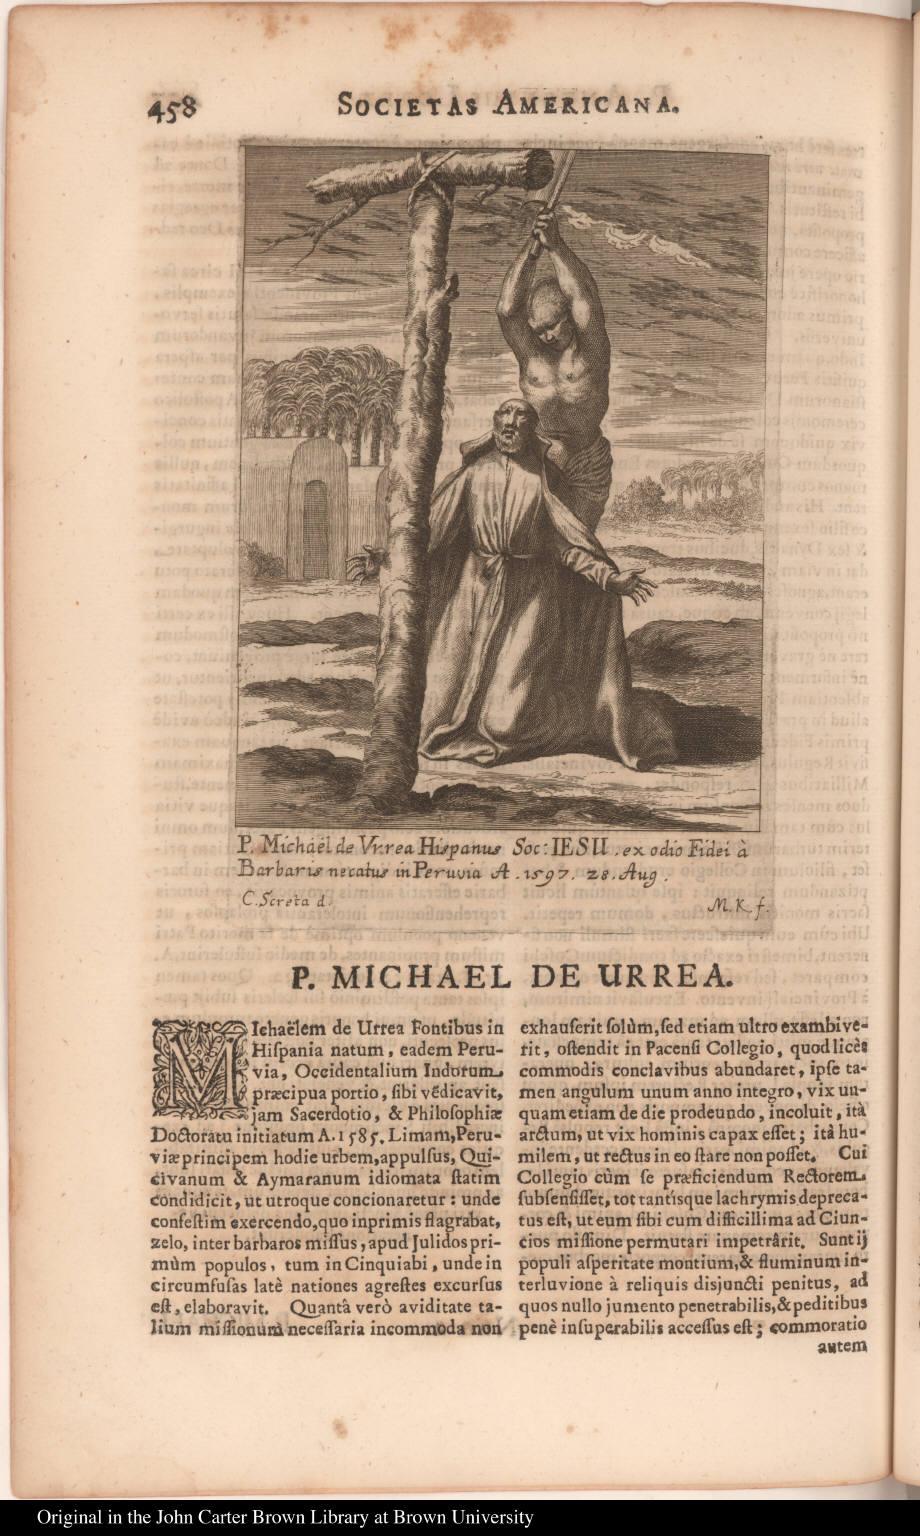 P. Michael de Urrea Hispanus Soc: Iesu. ex odio Fidei à Barbaris necatus in Peruvia A. 1597. 28 Aug.